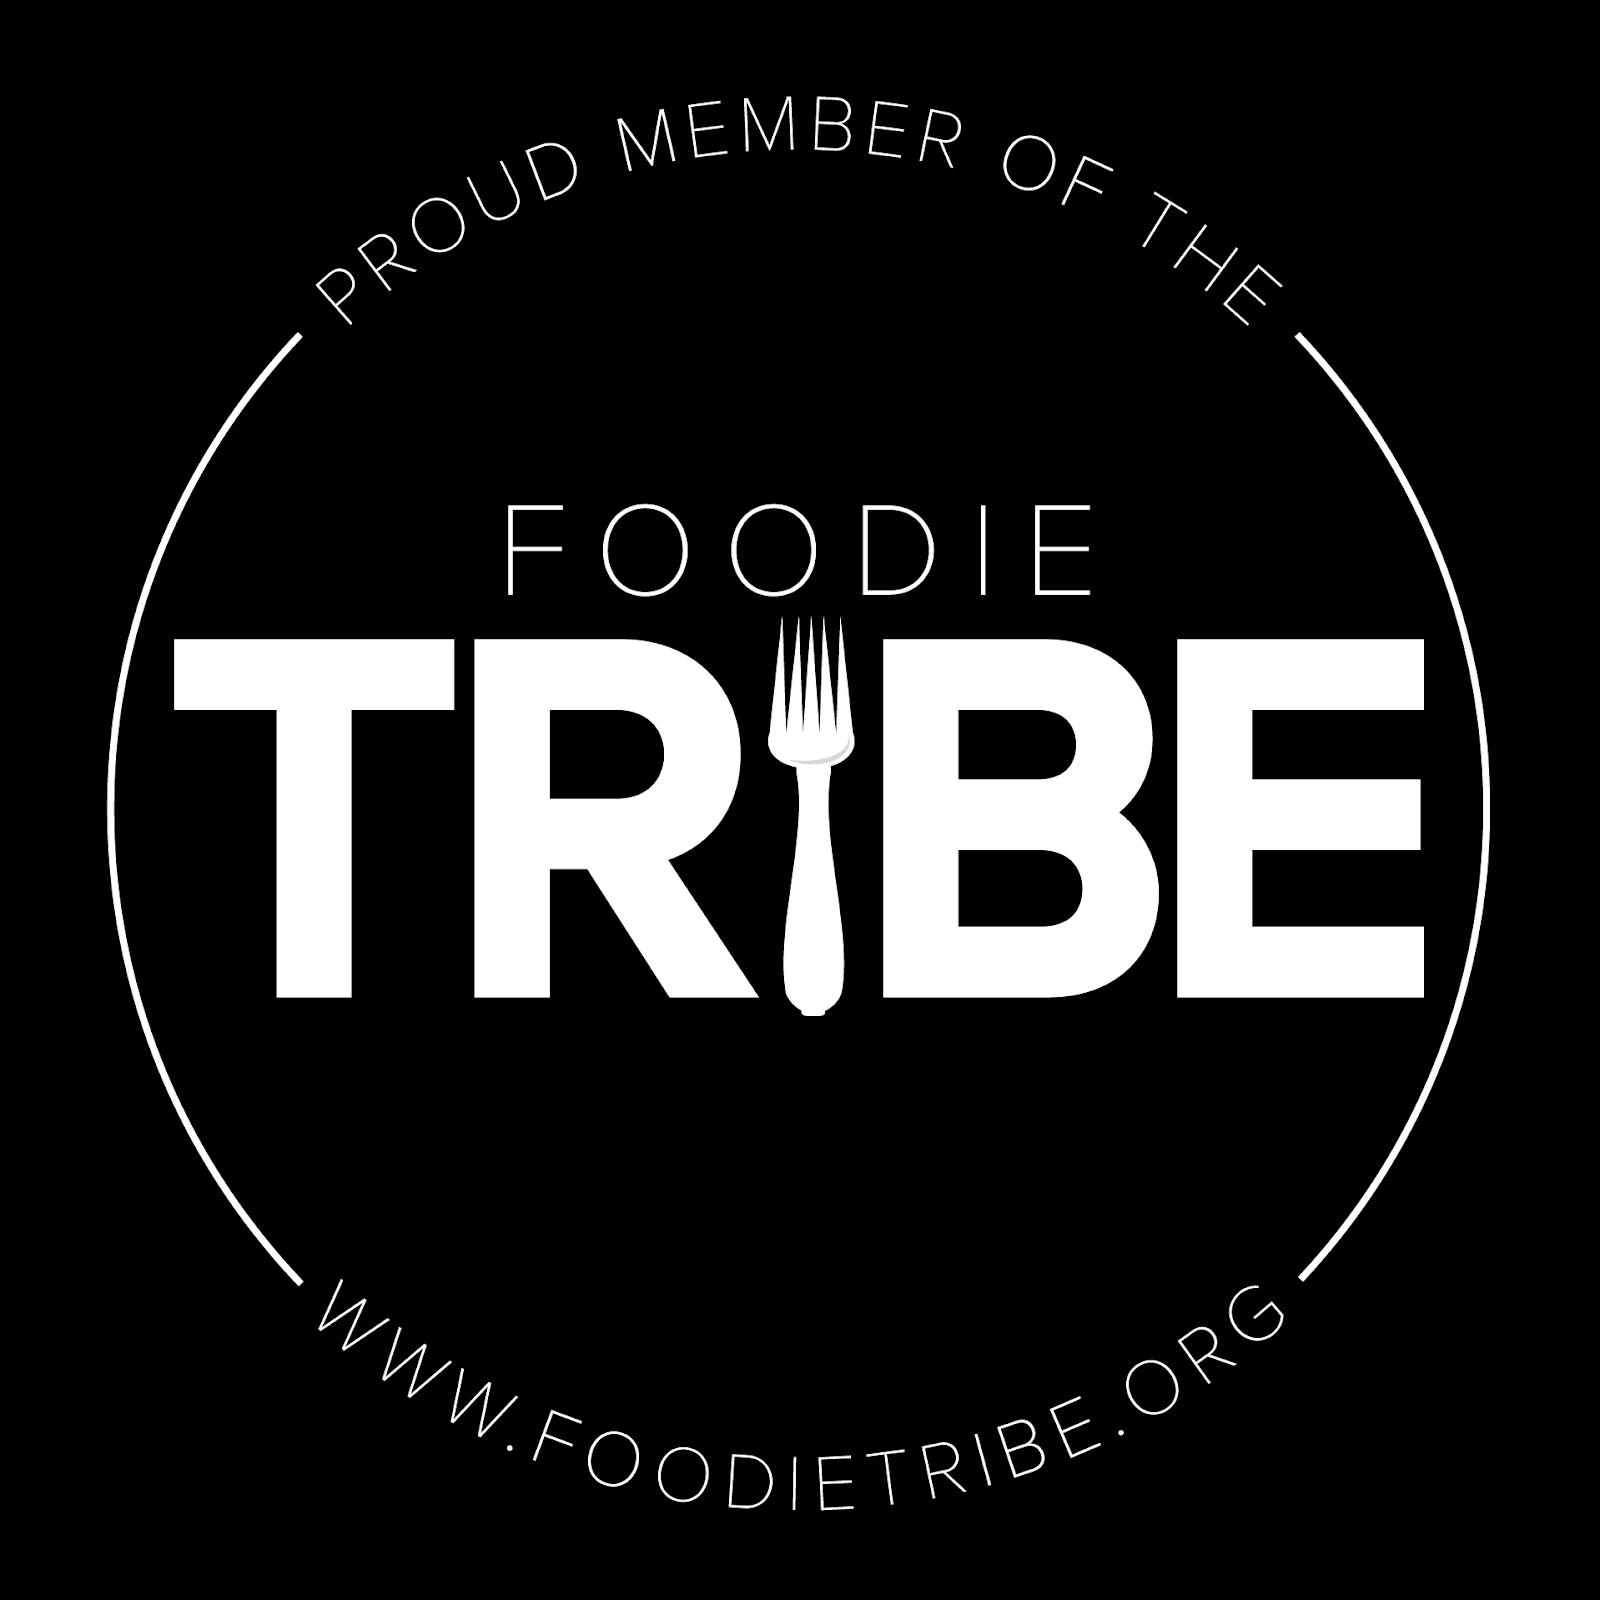 Foodie Tribe Member